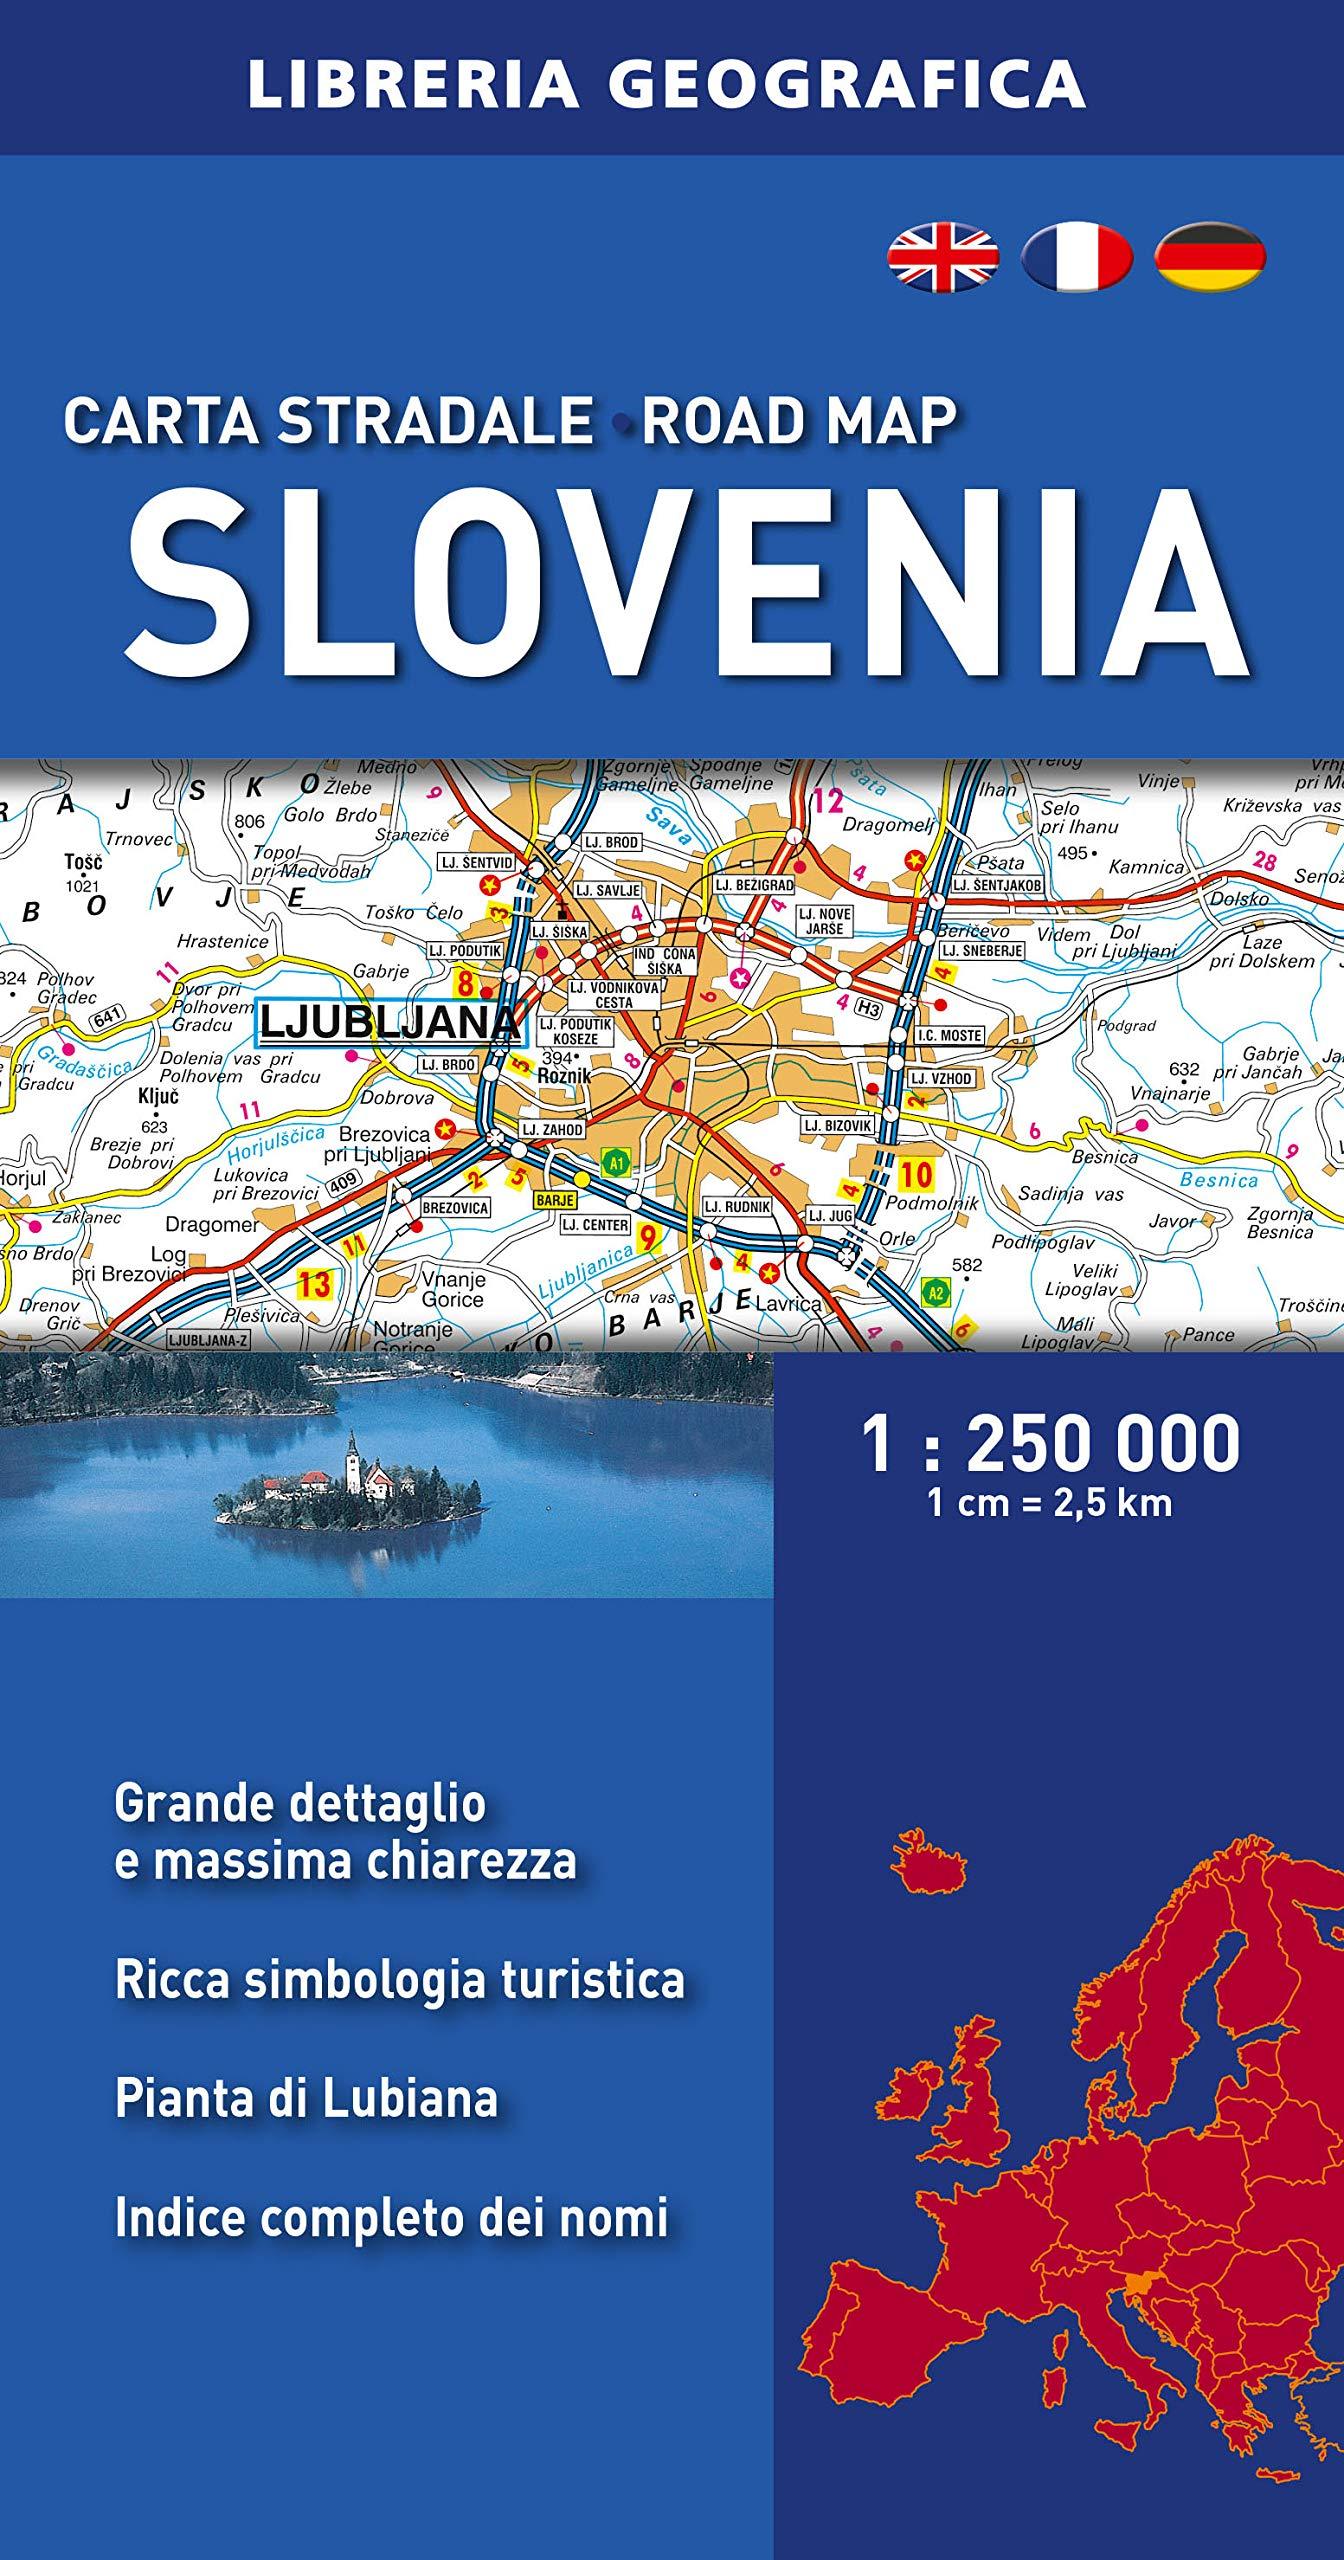 Cartina Stradale Della Slovenia.Amazon It Slovenia Carta Stradale 1 250 000 Libri